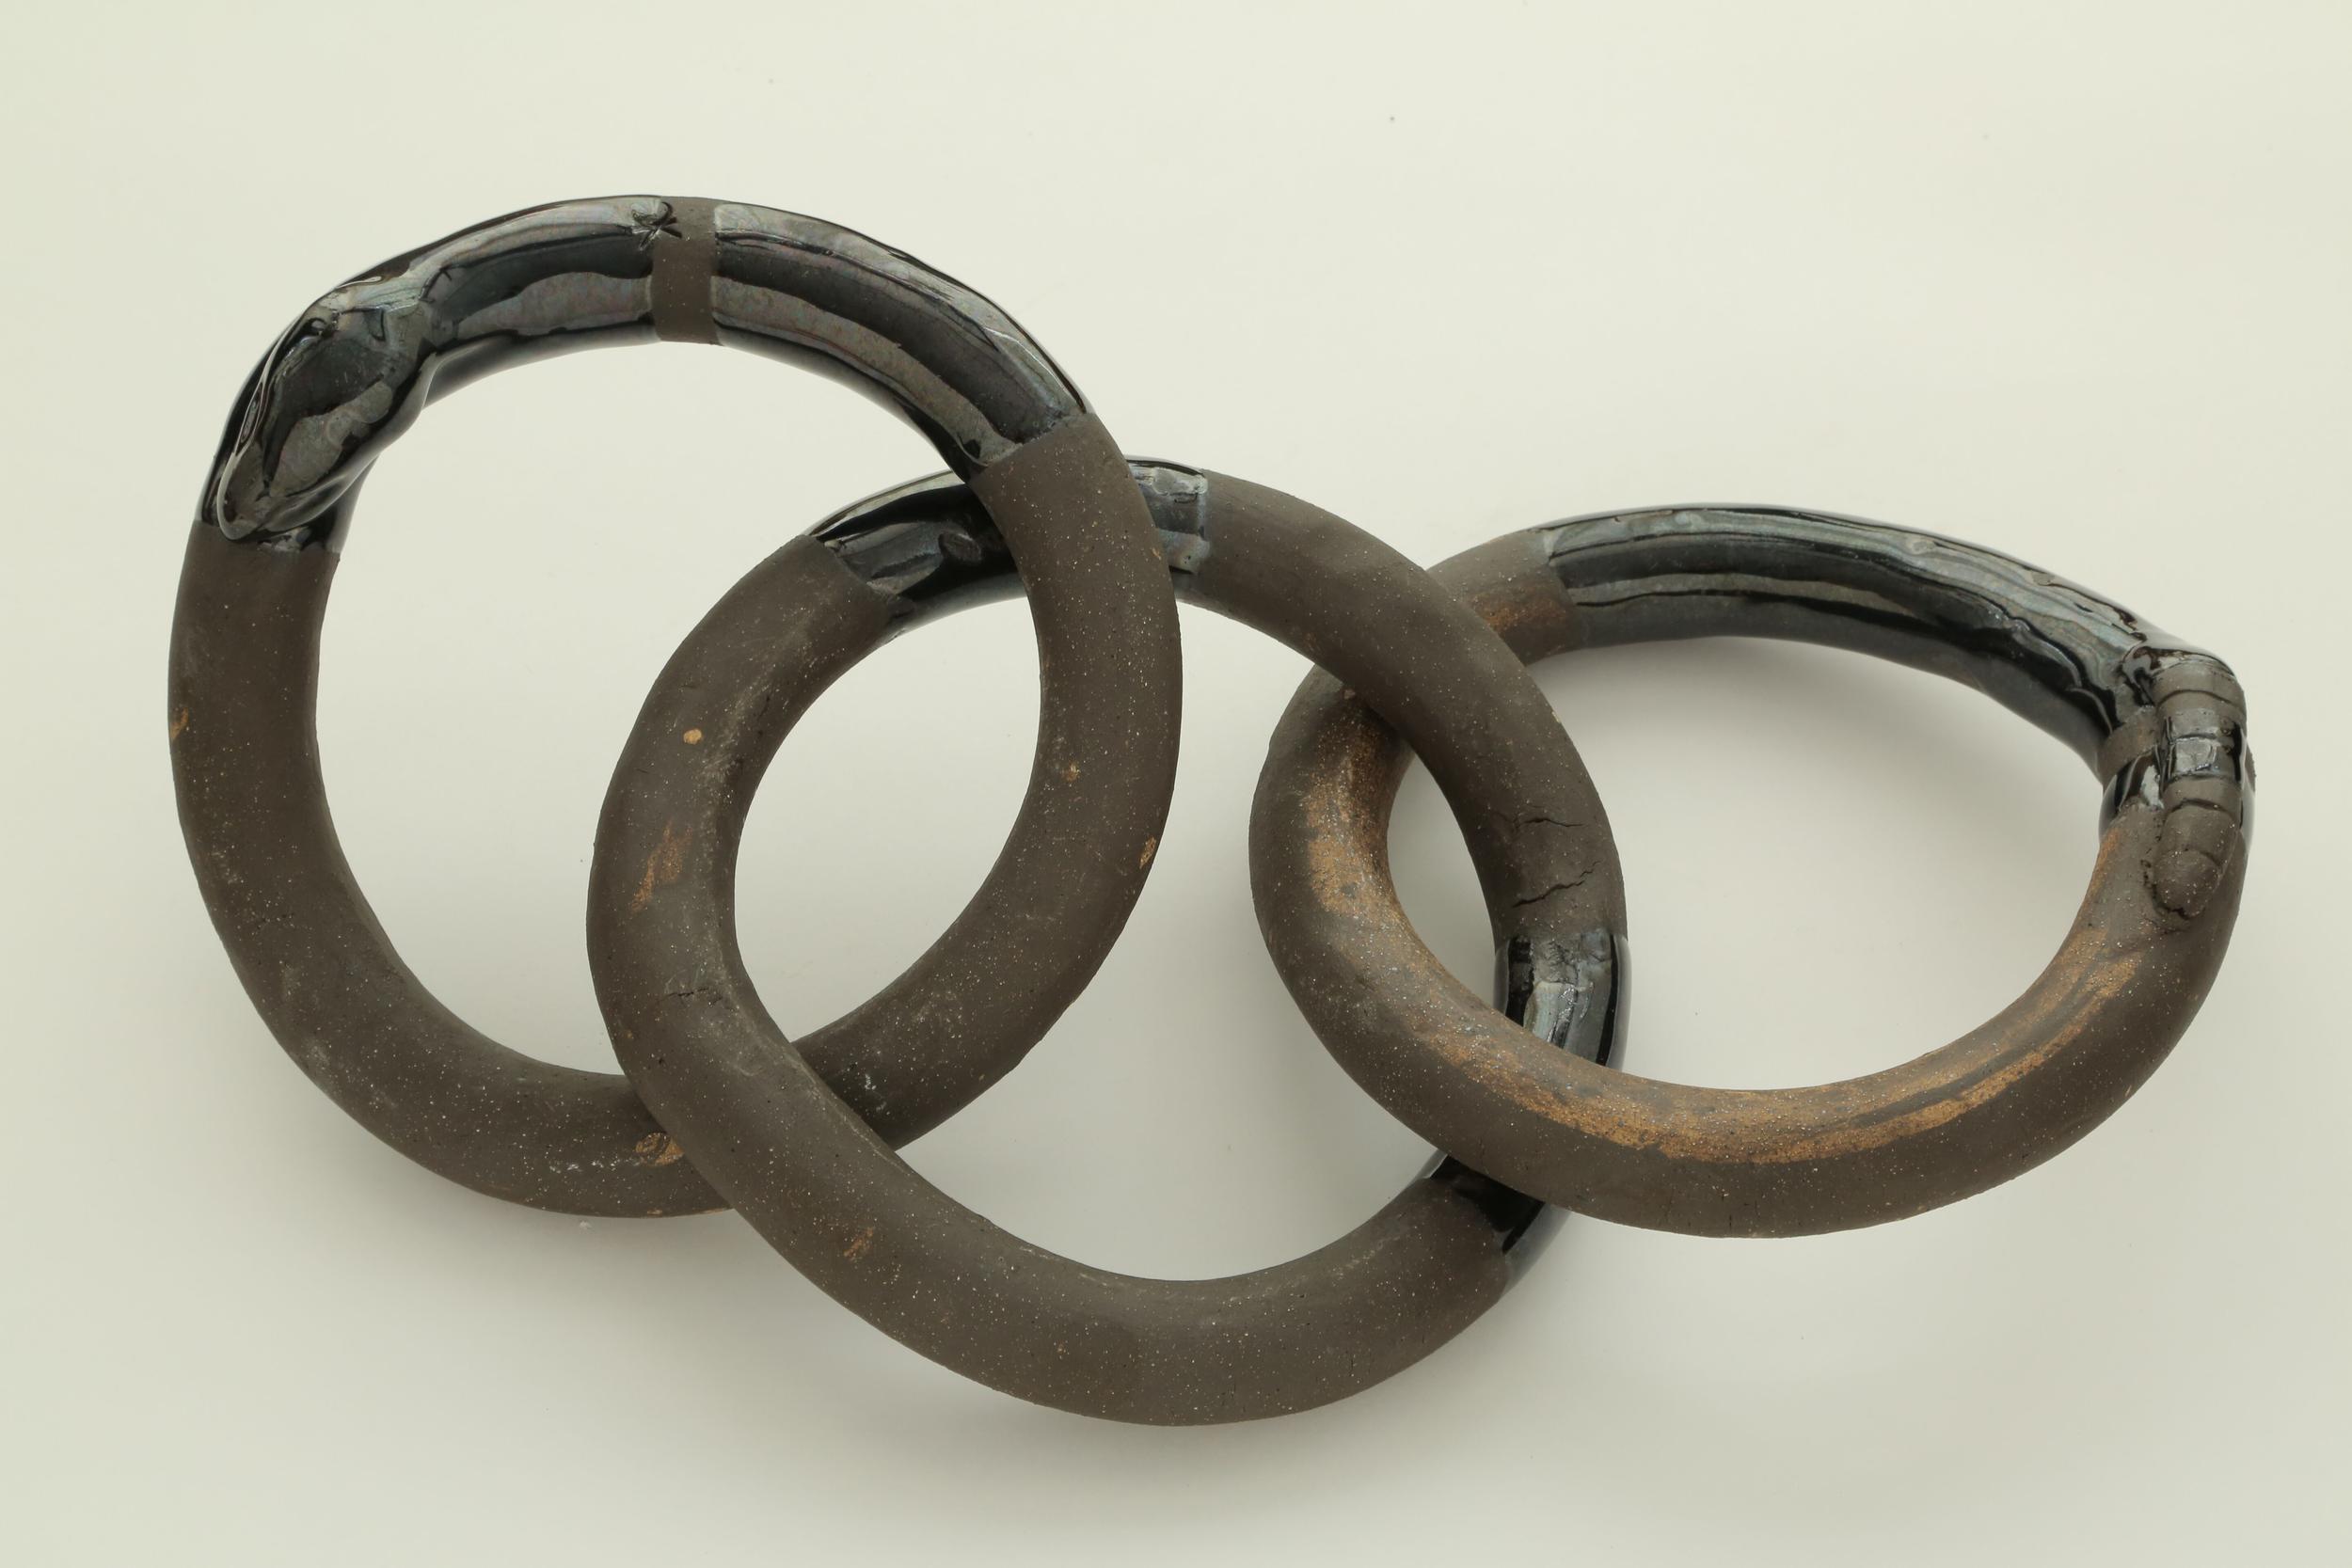 Ceramic Snake Chain (3 Links)